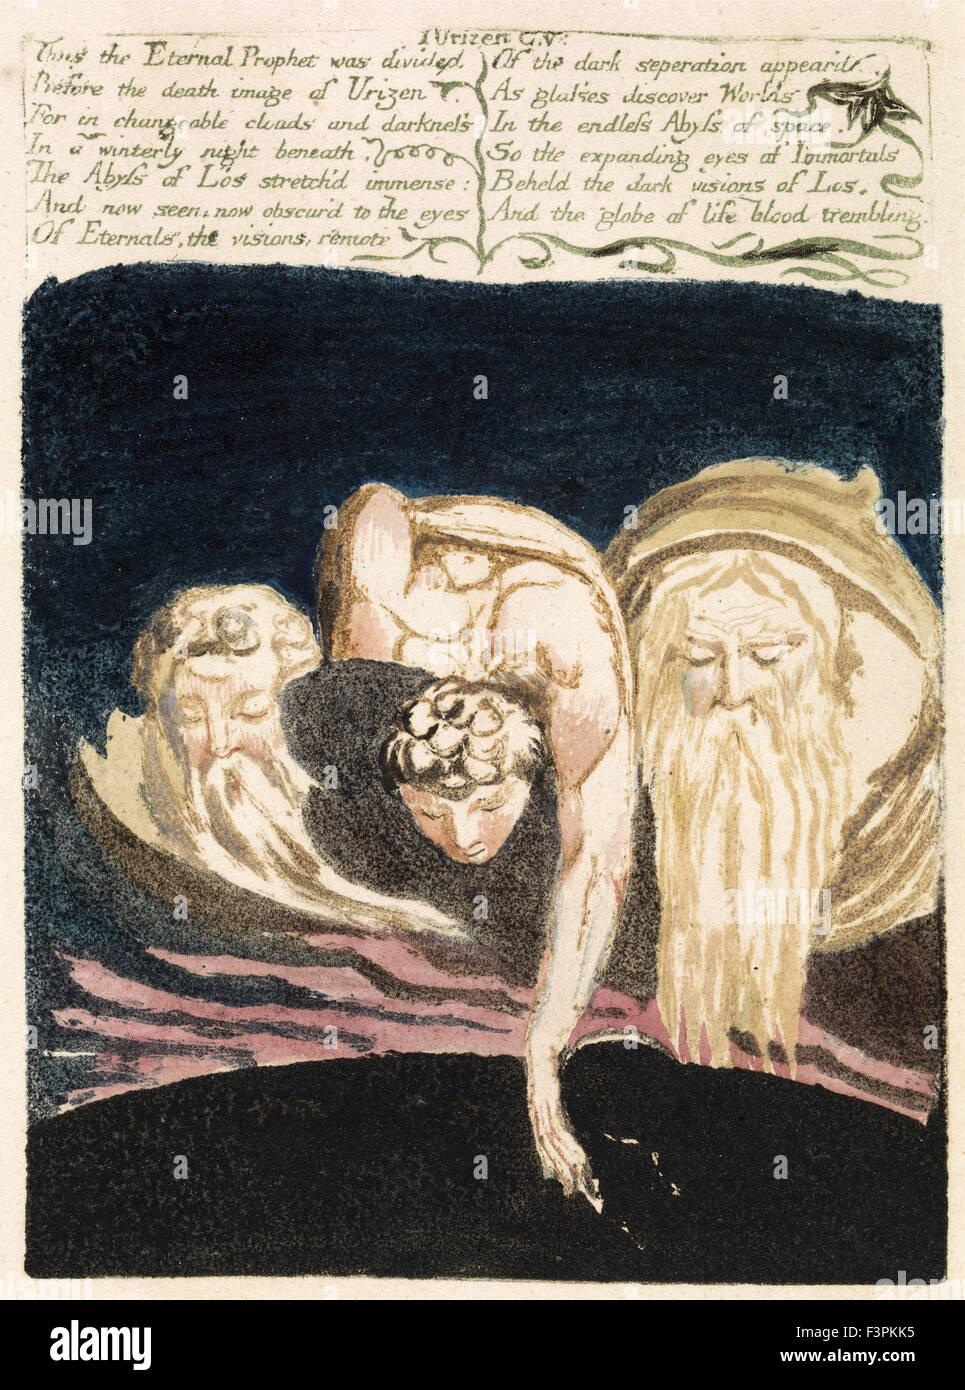 William Blake - El primer libro de Urizen, lámina 13 - Por lo tanto, el Eterno Profeta fue dividido Imagen De Stock